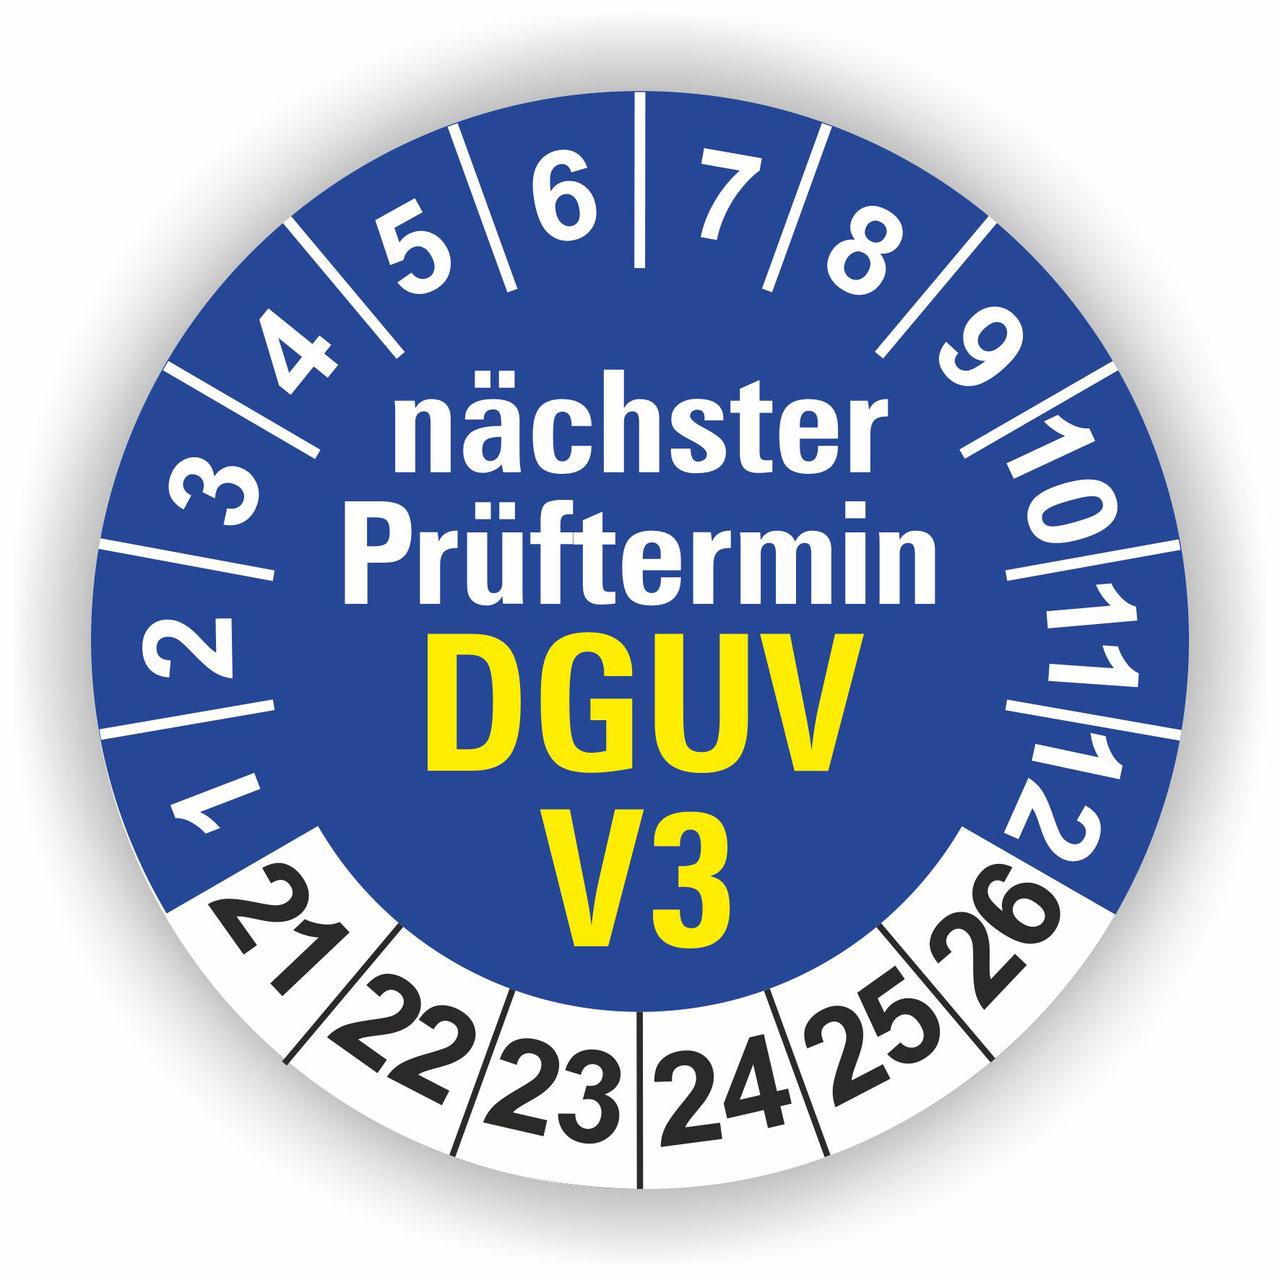 Pr/üfetiketten DGUV V3 gepr/üft fertig bedruckt mit 6-stelligem fortlaufendem Barcode 128B f/ür alle g/ängigen Pr/üfger/äte Nummernkreis 002 001.003 000 silberoptik matt 40x15mm